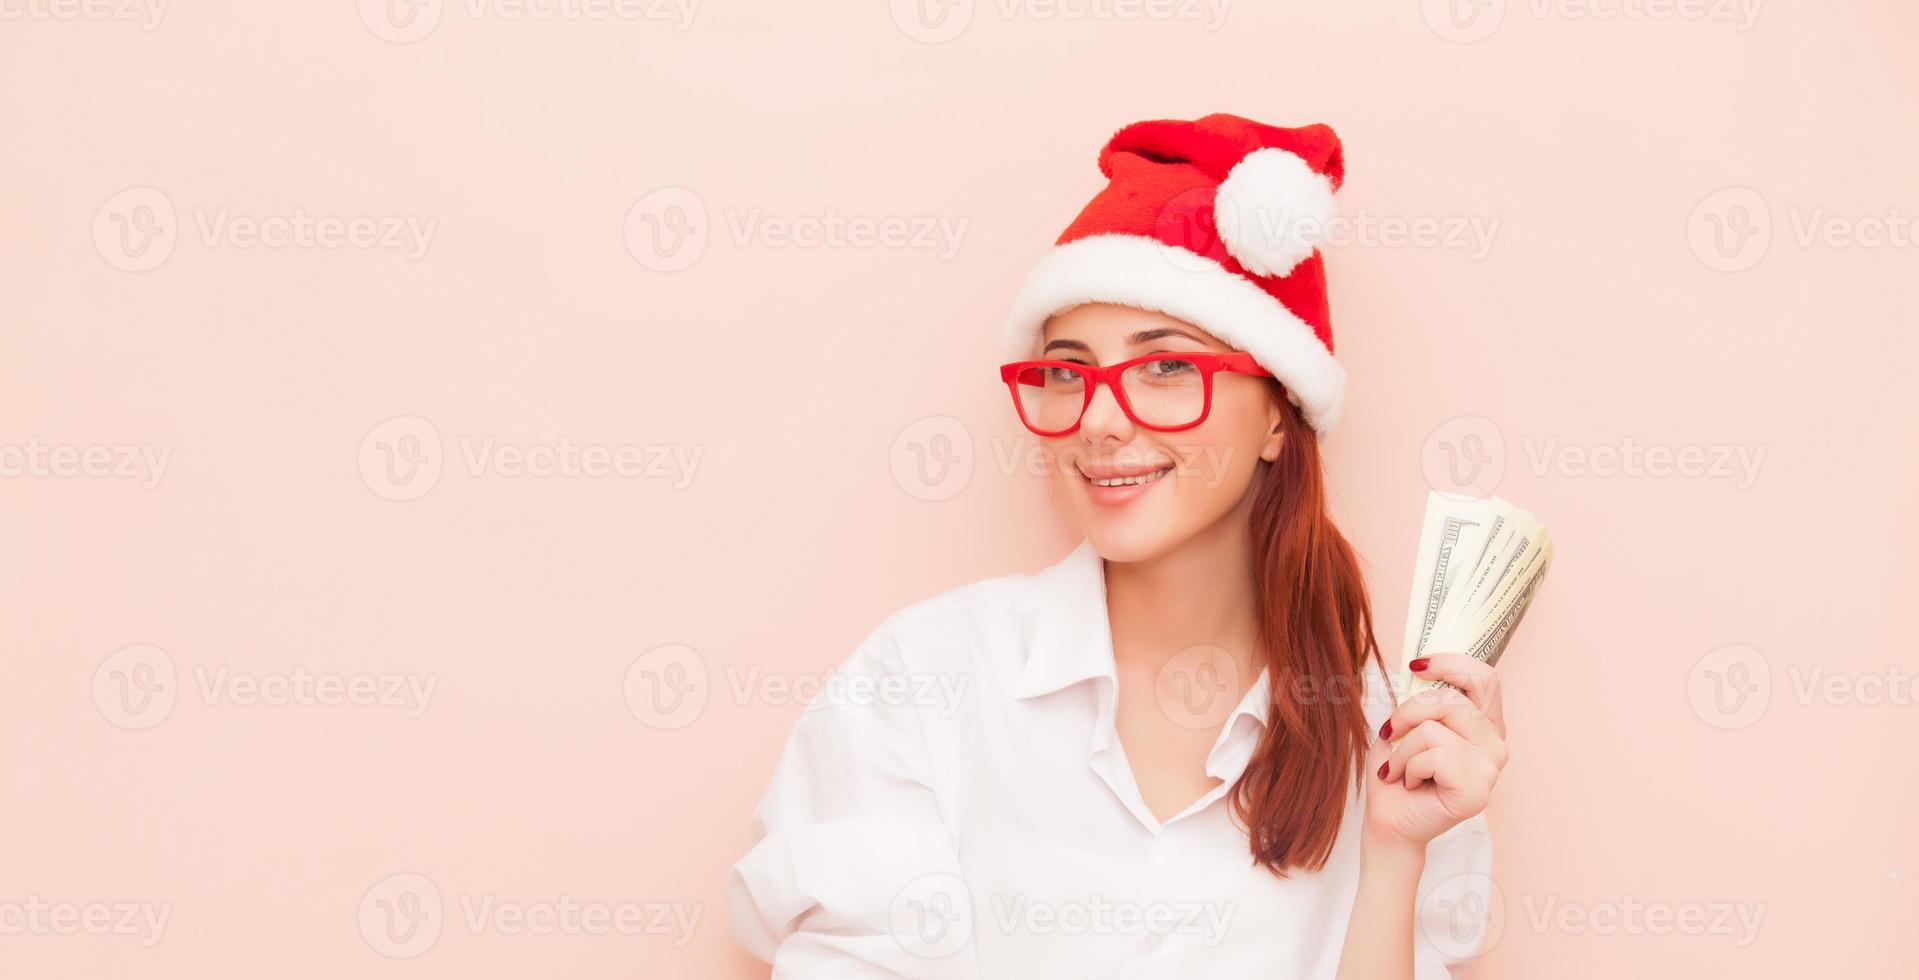 femme, santa claus, chapeau, argent photo